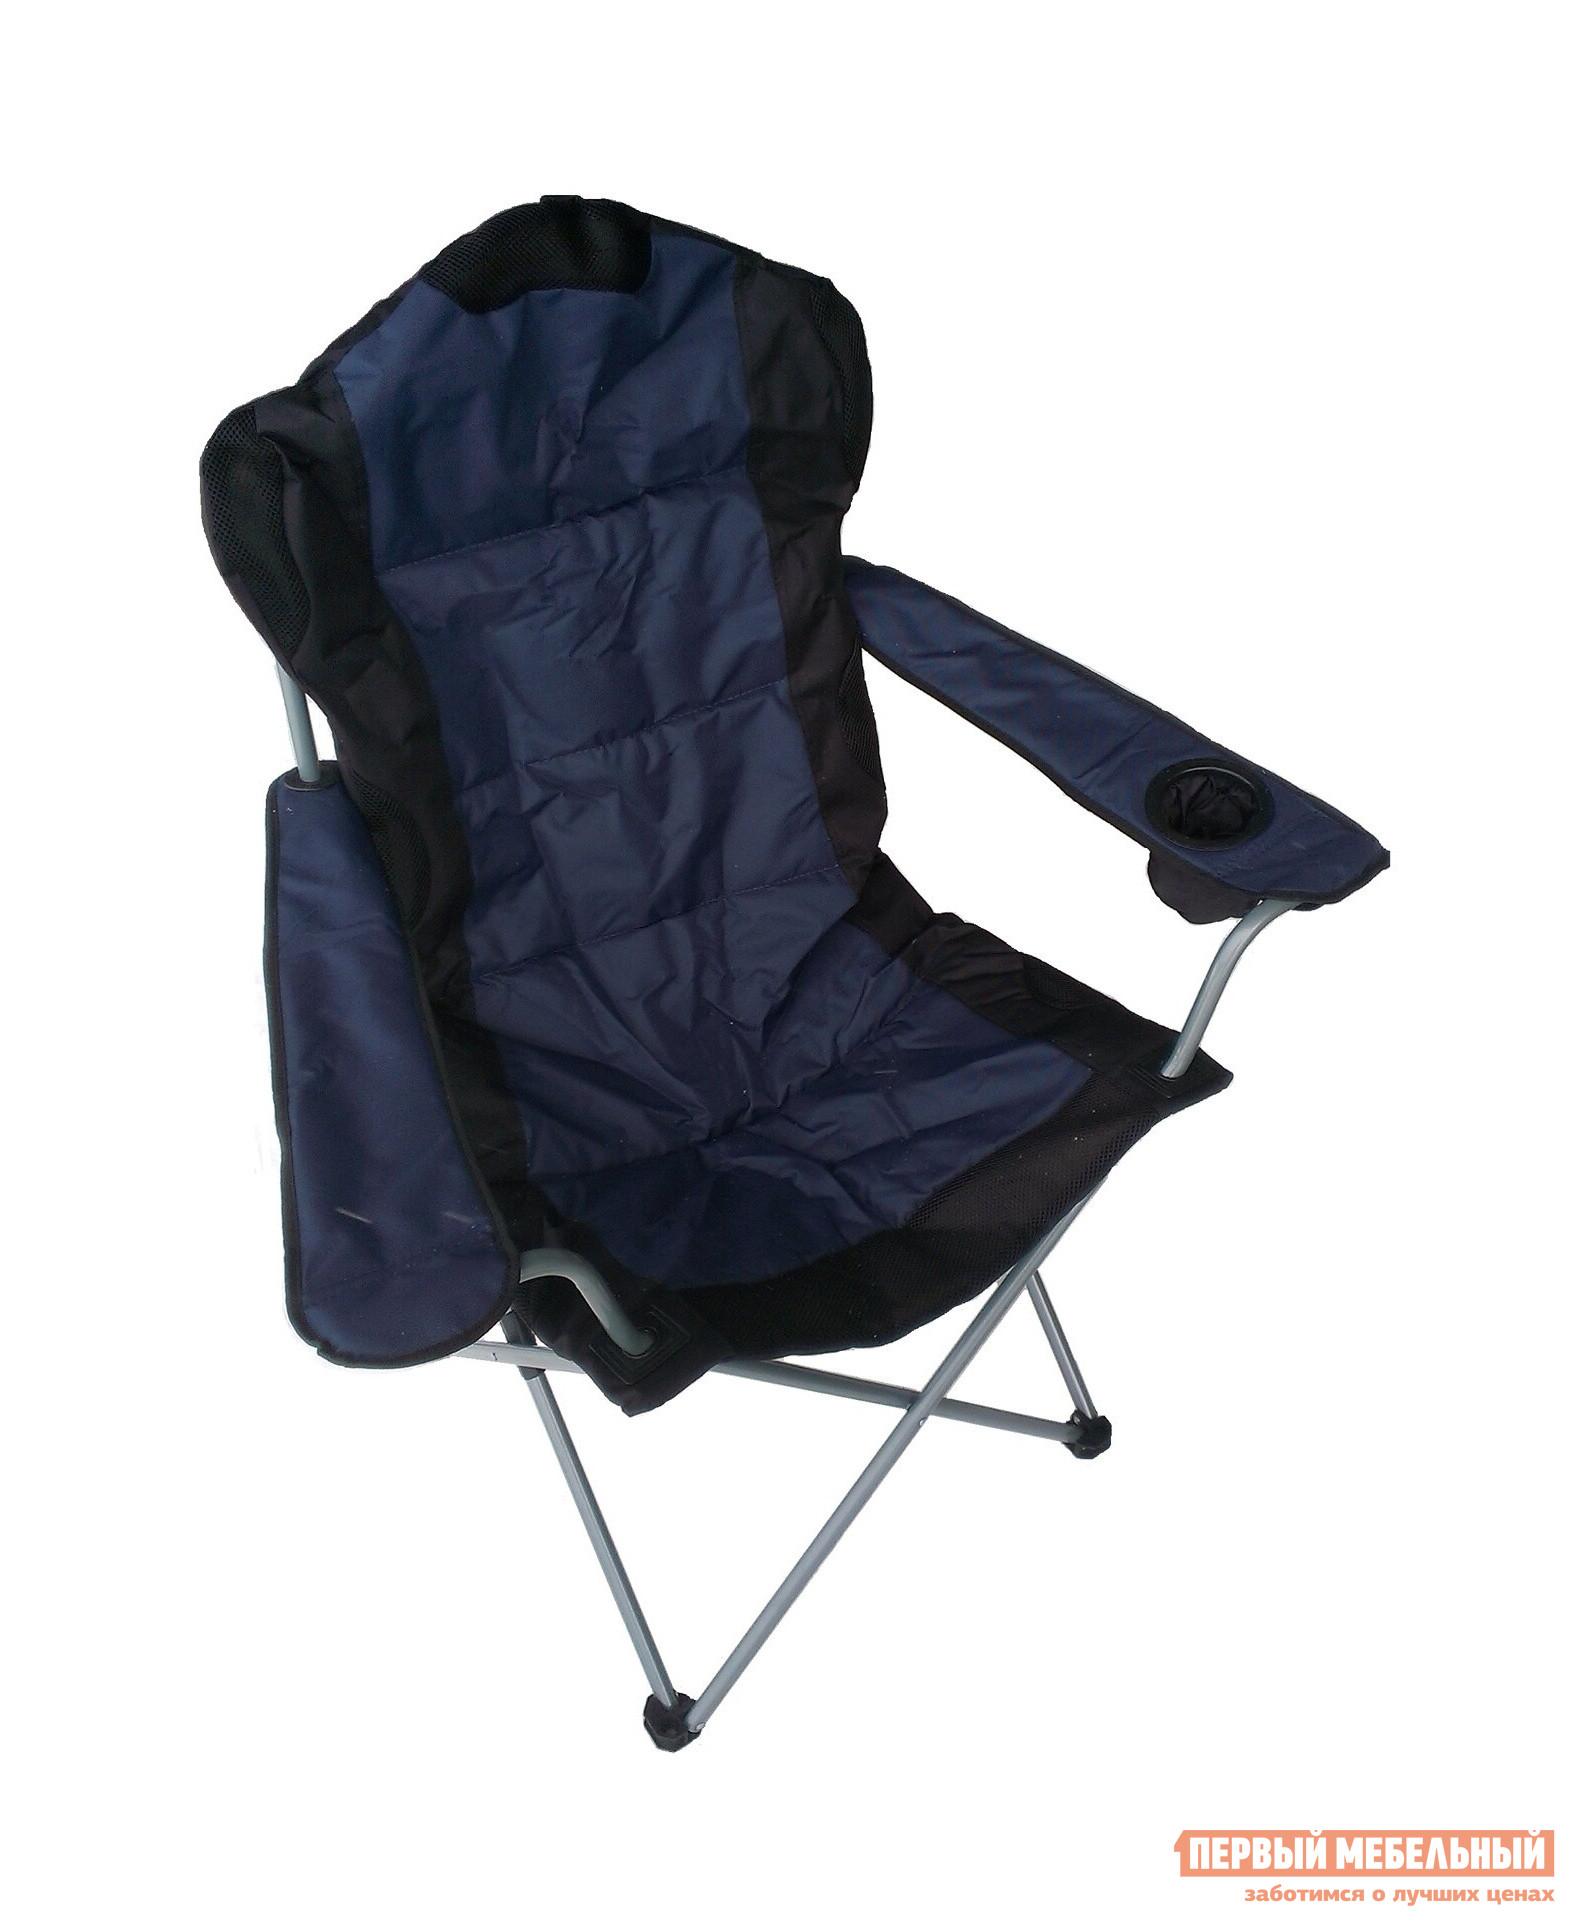 Кресло для пикника Green Glade М2315 Черный / Синий